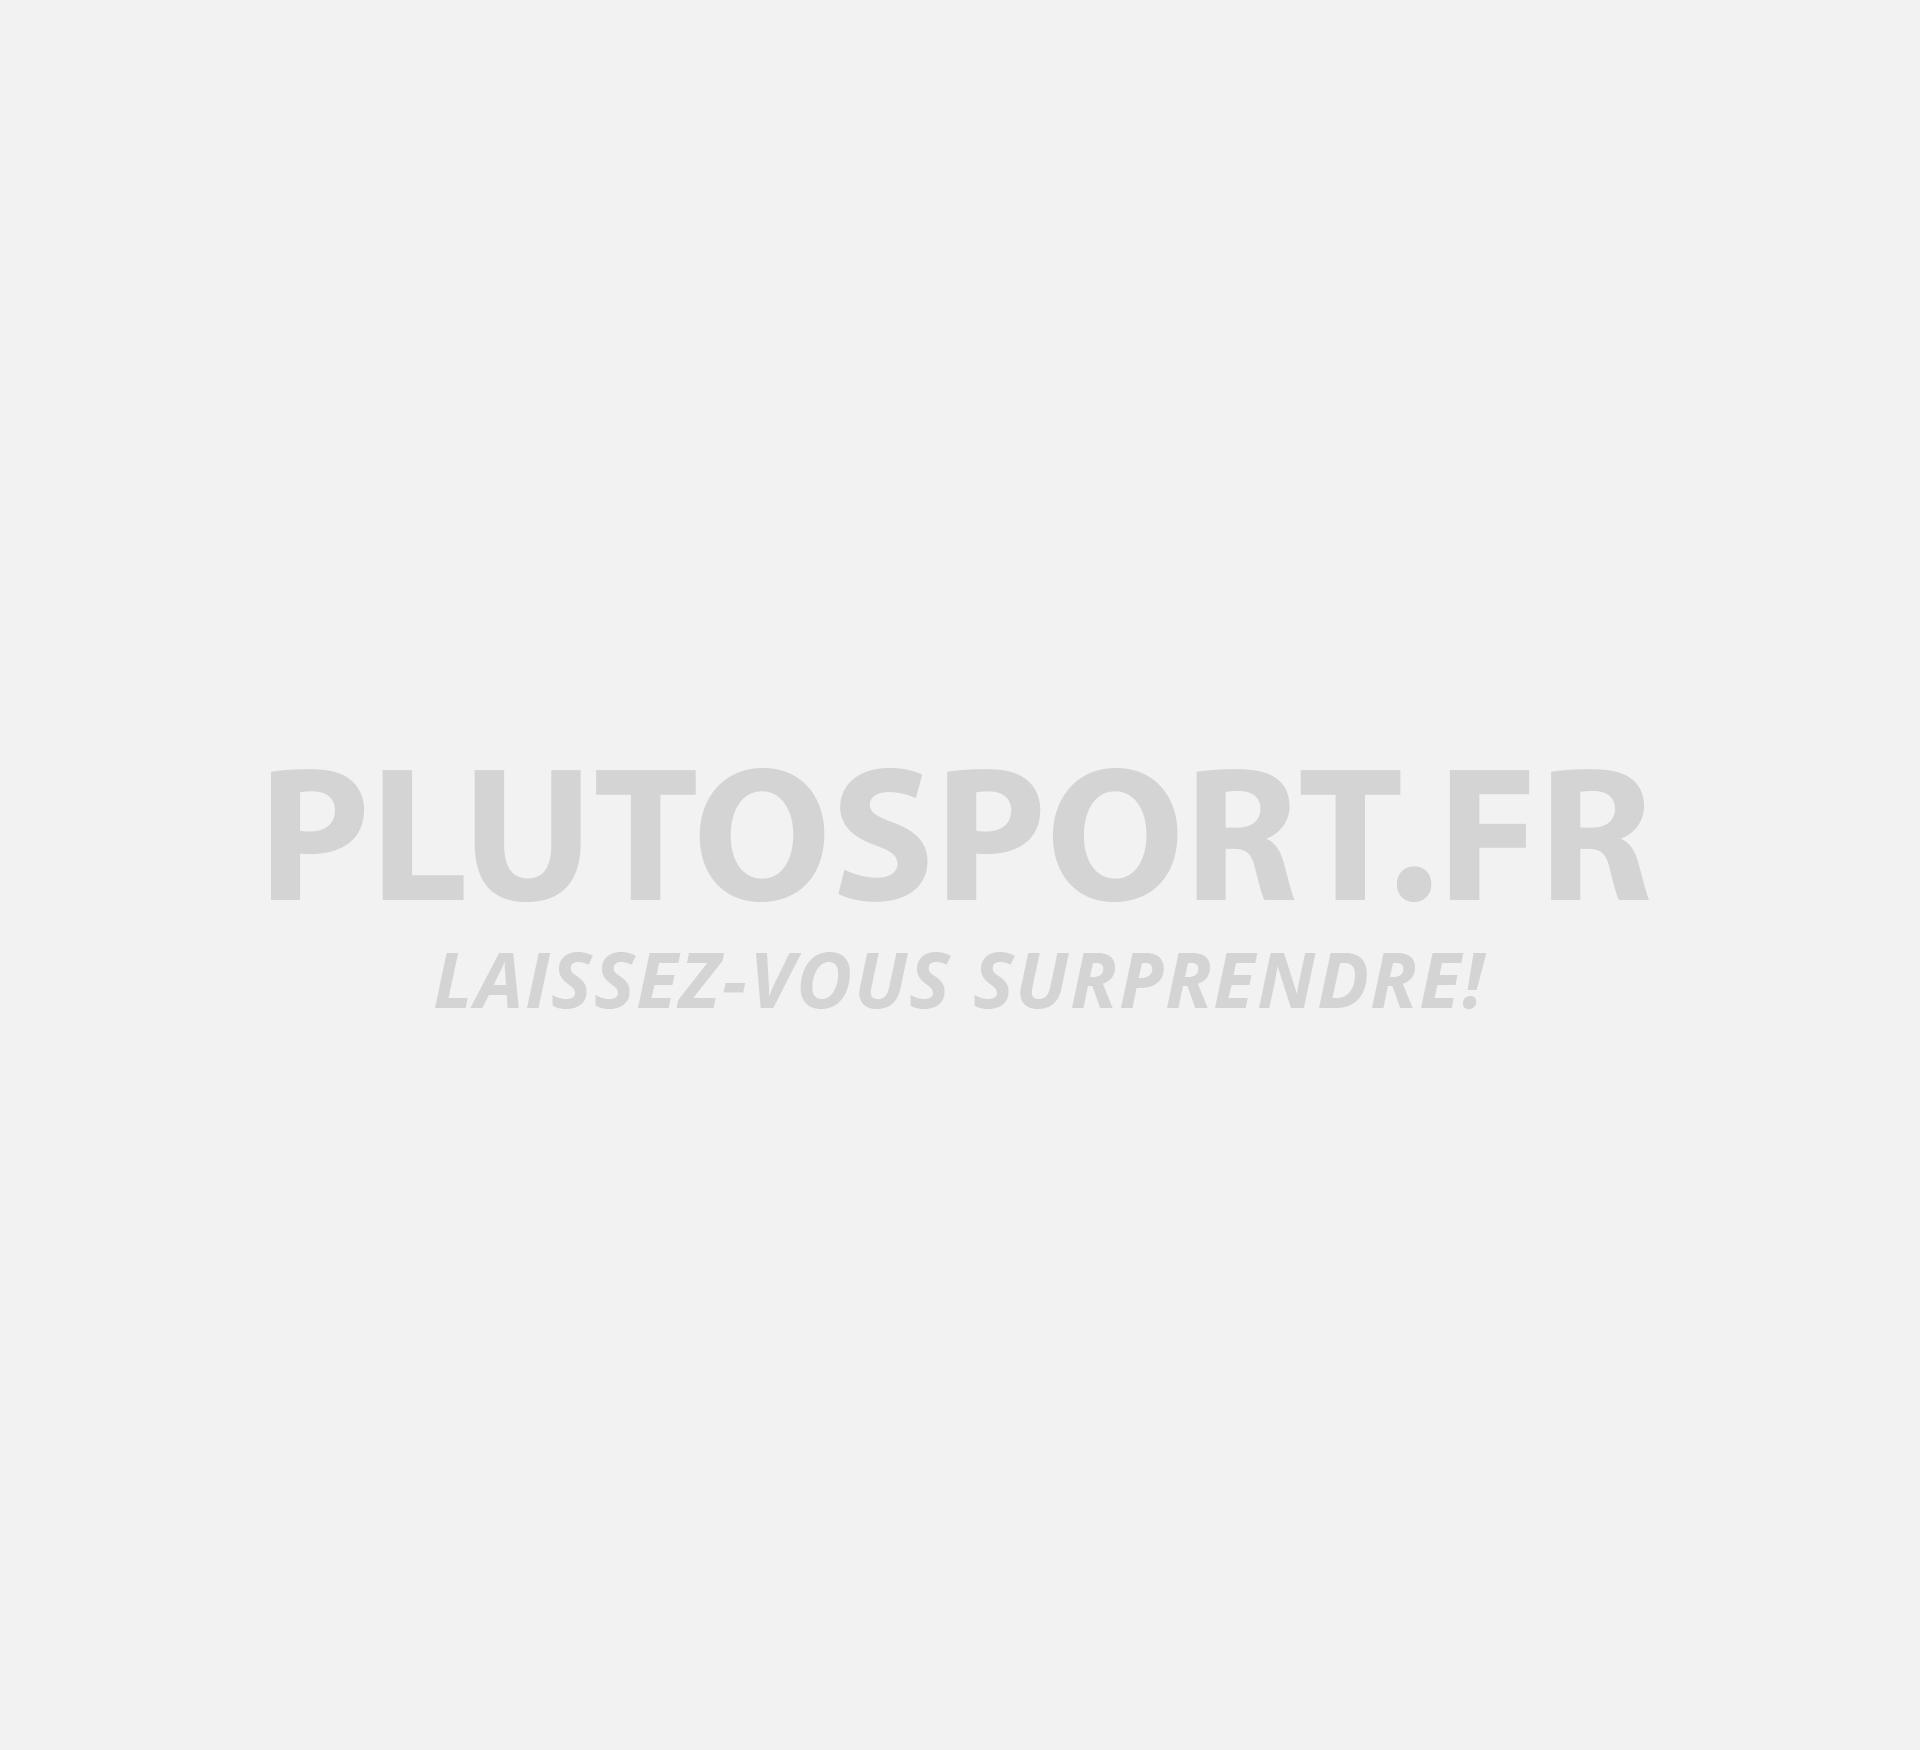 043b54db7e Adidas Tiro 15 sac de sport Small - Avec compartiment pour ...